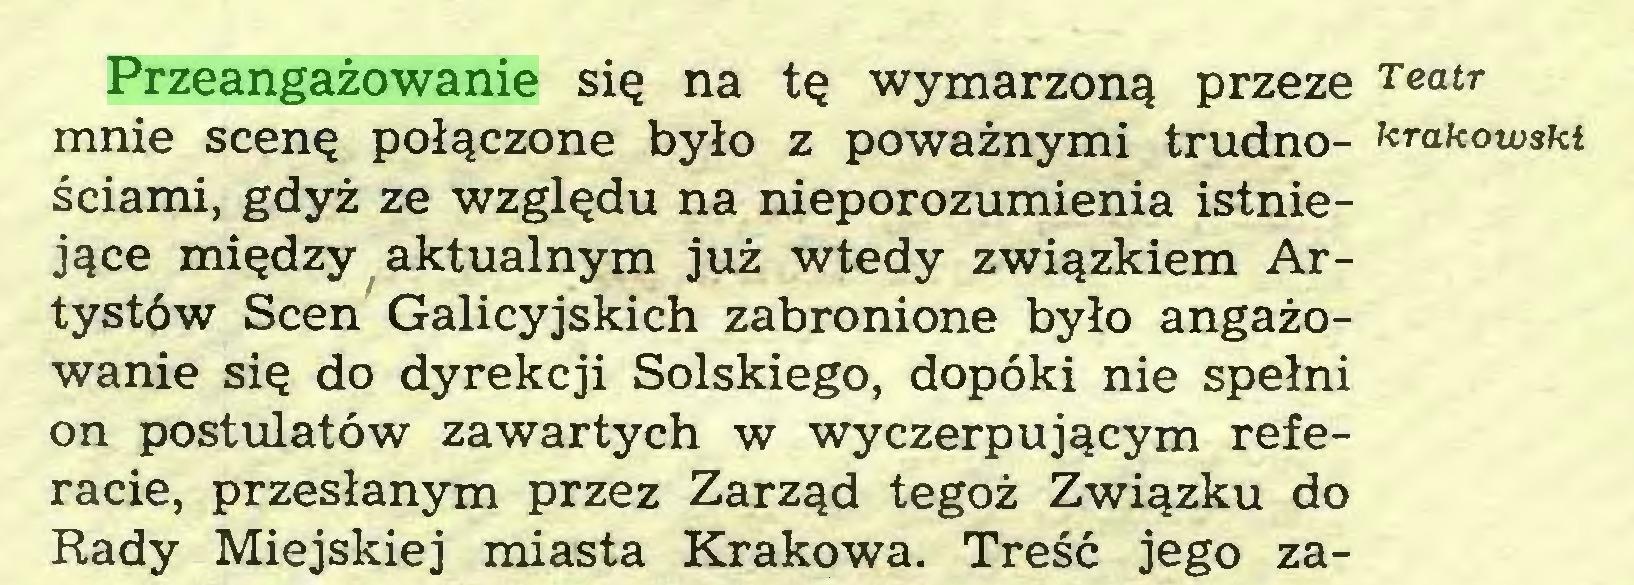 (...) Przeangażowanie się na tę wymarzoną przeze Teatr mnie scenę połączone było z poważnymi trudno- krakowski ściami, gdyż ze względu na nieporozumienia istniejące między aktualnym już wtedy związkiem Artystów Scen Galicyjskich zabronione było angażowanie się do dyrekcji Solskiego, dopóki nie spełni on postulatów zawartych w wyczerpującym referacie, przesłanym przez Zarząd tegoż Związku do Rady Miejskiej miasta Krakowa. Treść jego za...